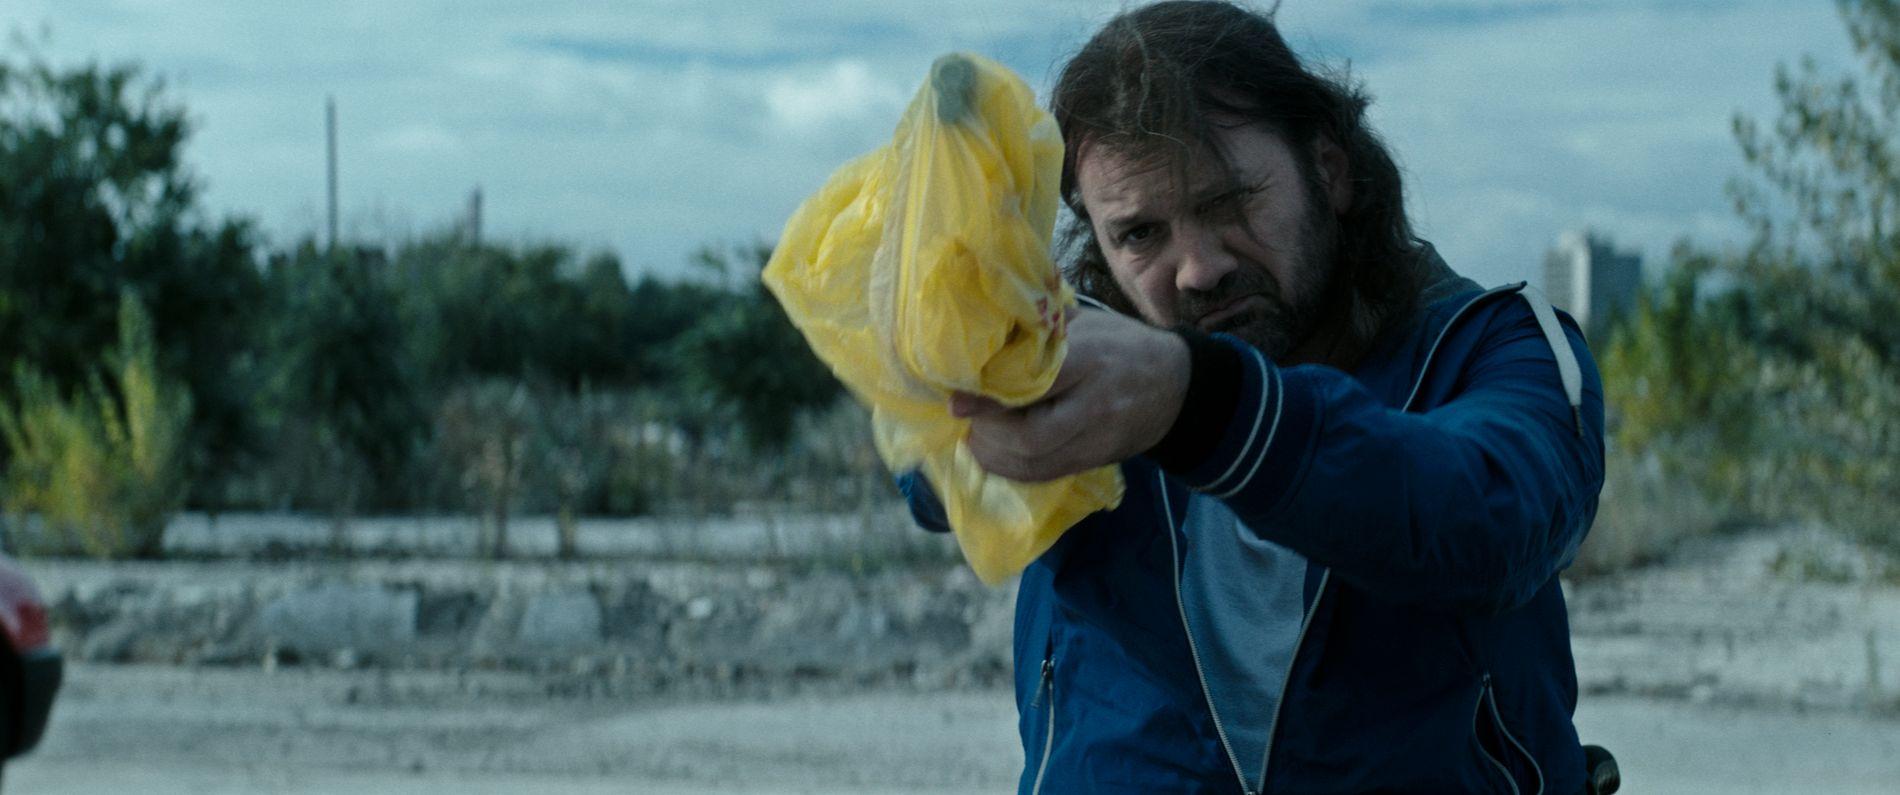 e50f35db PROFF: Szabolcs Thuróczy (Rupaszov) er den eneste skuespilleren som spiller  bevegelseshemmet. byoutline Filmweb